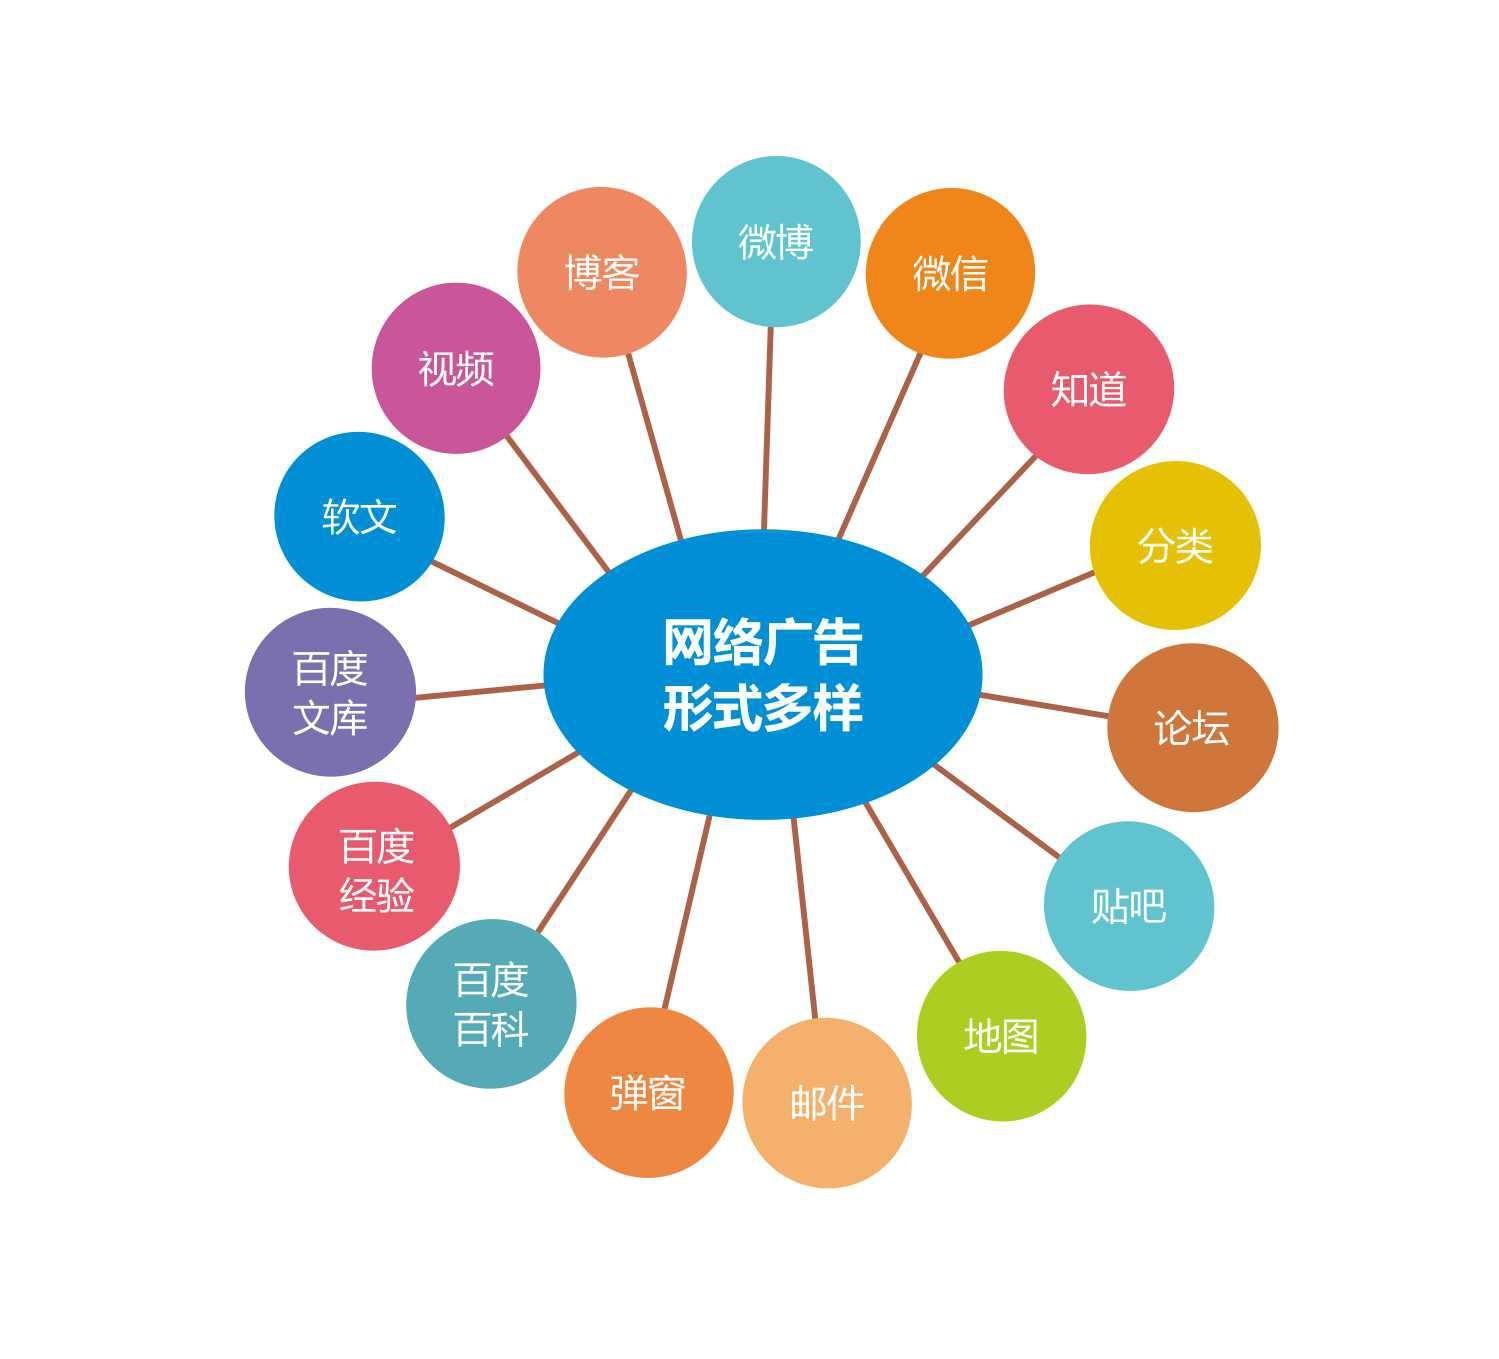 搜索引擎-SEO优化-站外SEO优化-网络营销-南宁网络公司